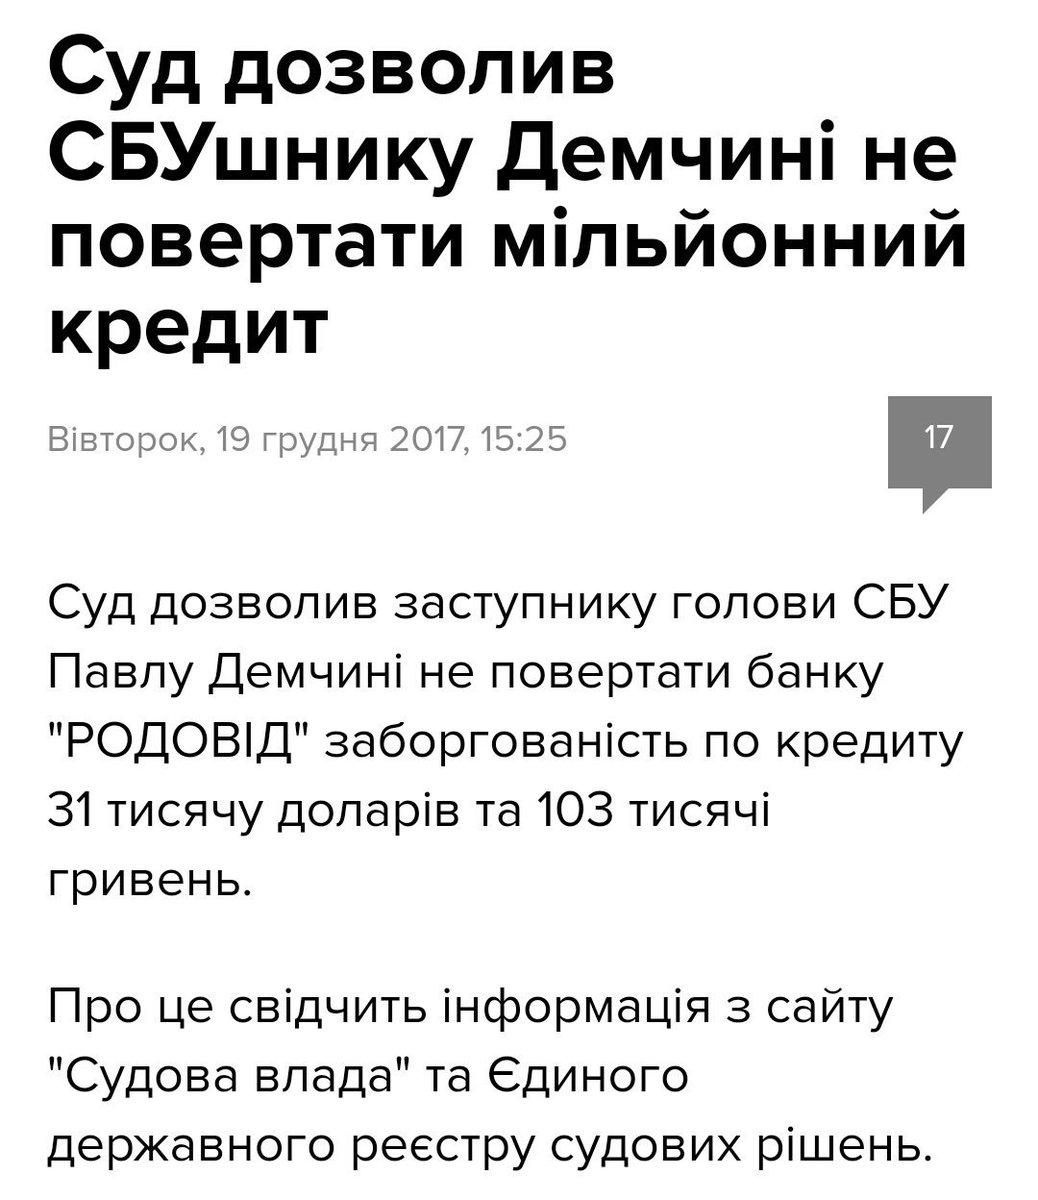 Рада отозвала депутатский законопроект об Антикоррупционном суде - Цензор.НЕТ 3589